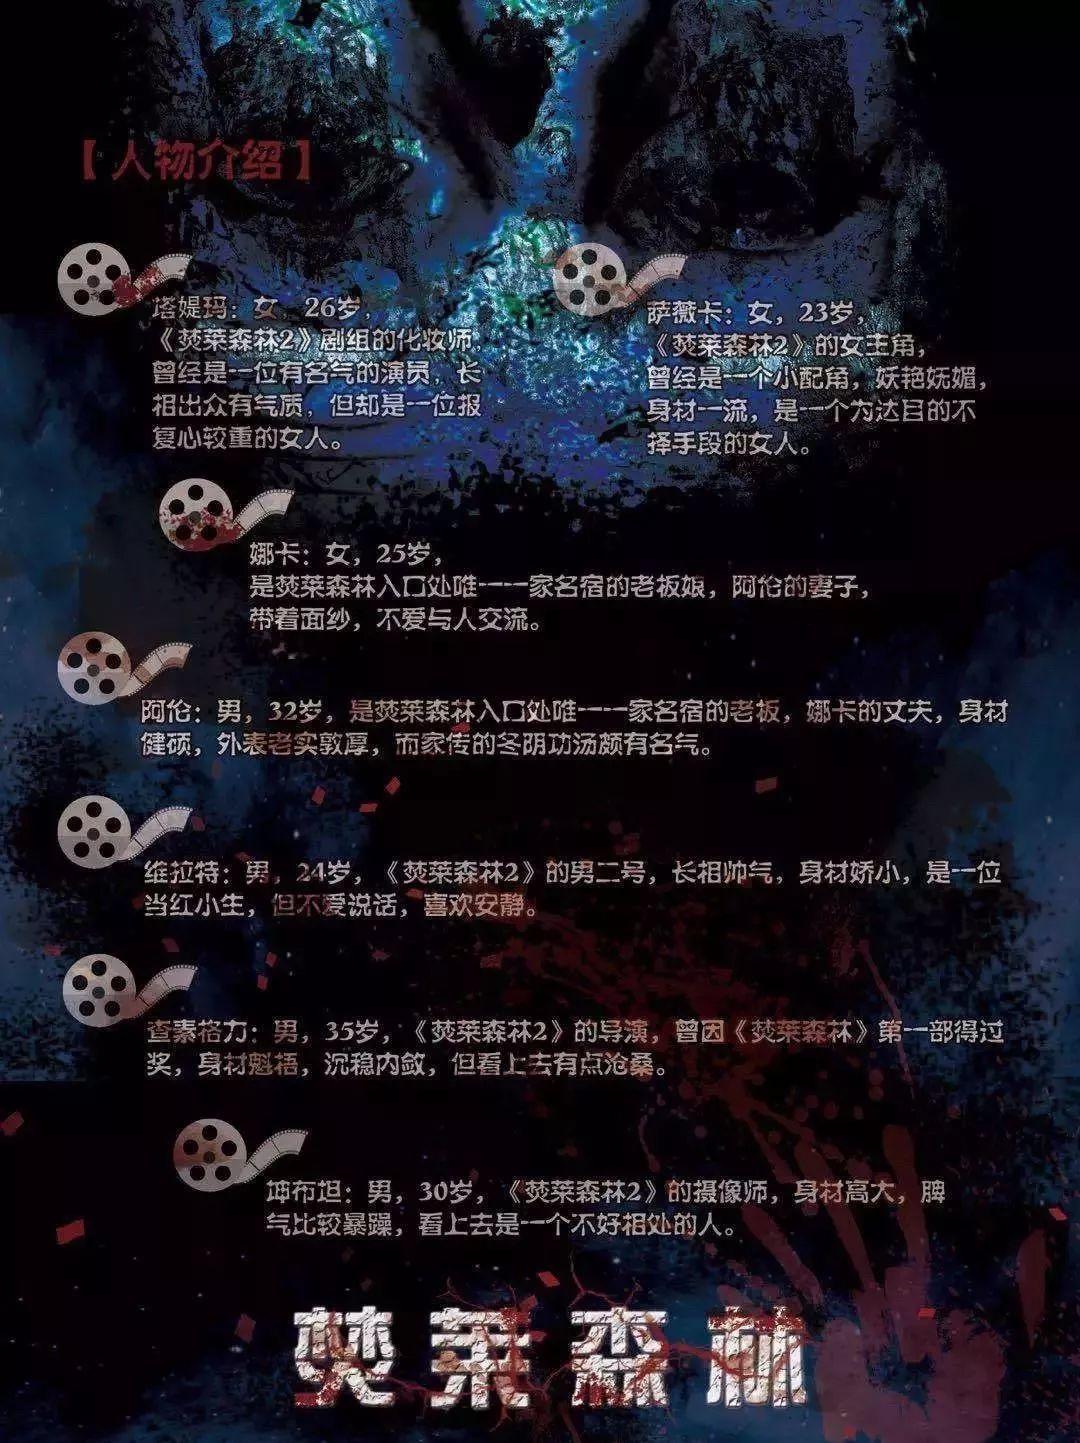 7人本《焚莱森林》剧本杀线索复盘真相剧透结局真凶手是谁?%-site_name